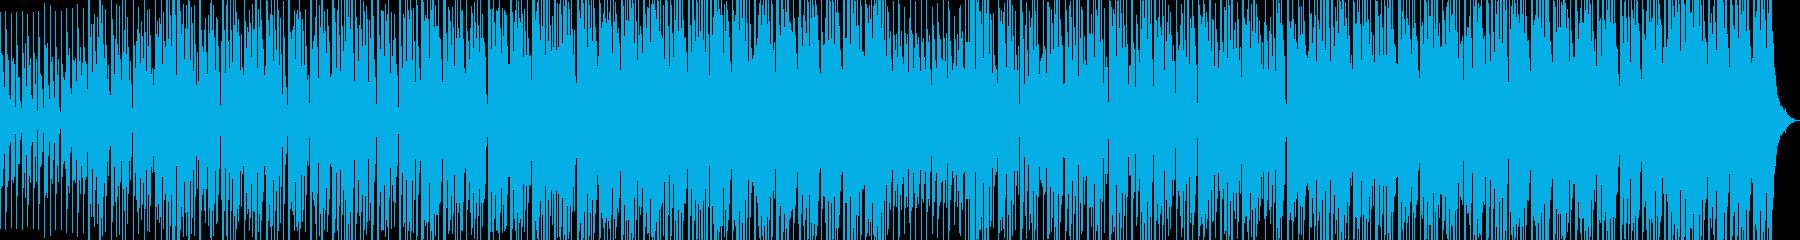 淡々と進むデジタルロックの再生済みの波形